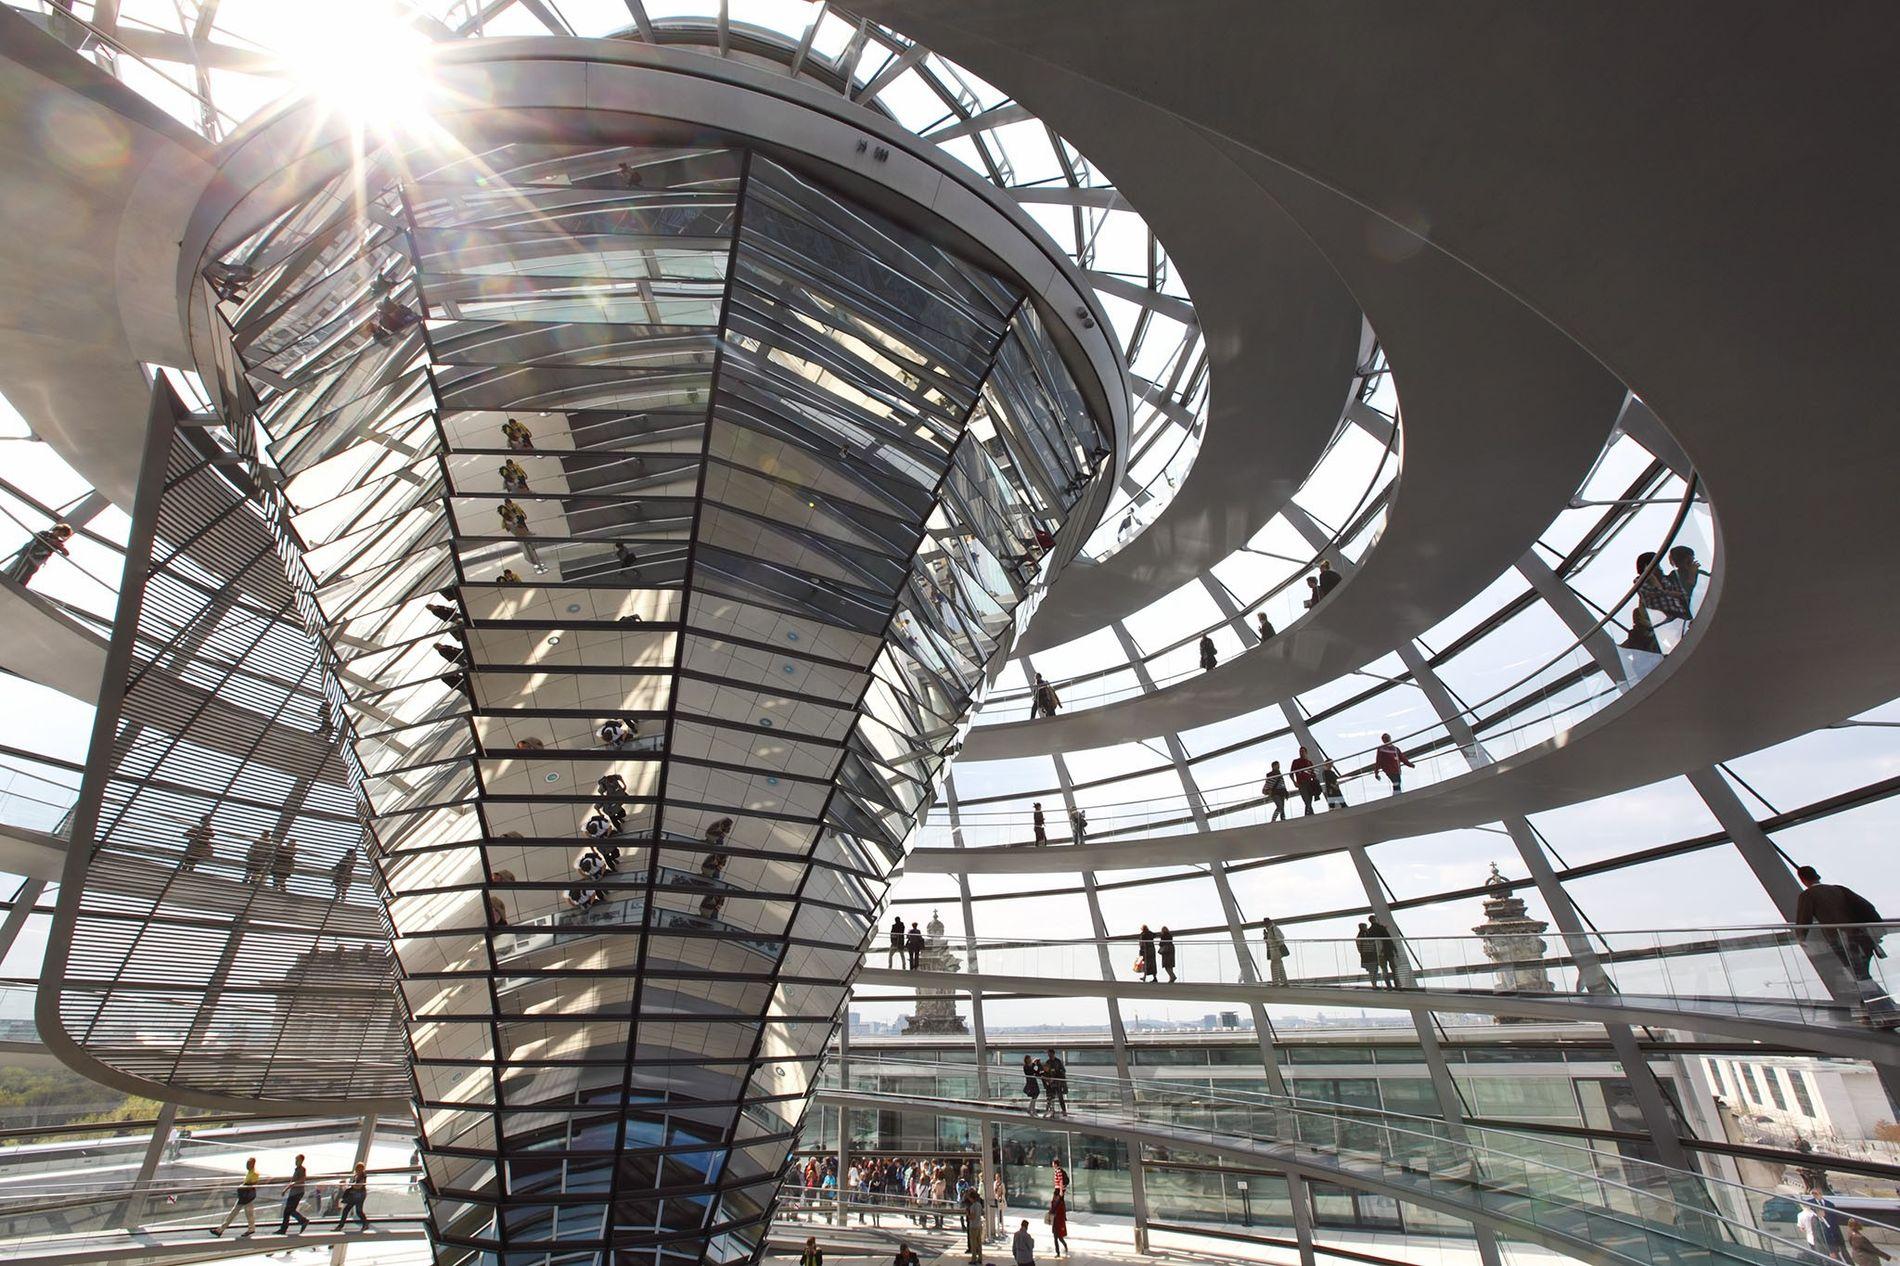 Auf dem Weg zur Glasdecke schreiten jährlich 2,5 Millionen Besucher die Spirale der modernen Glaskuppel auf ...